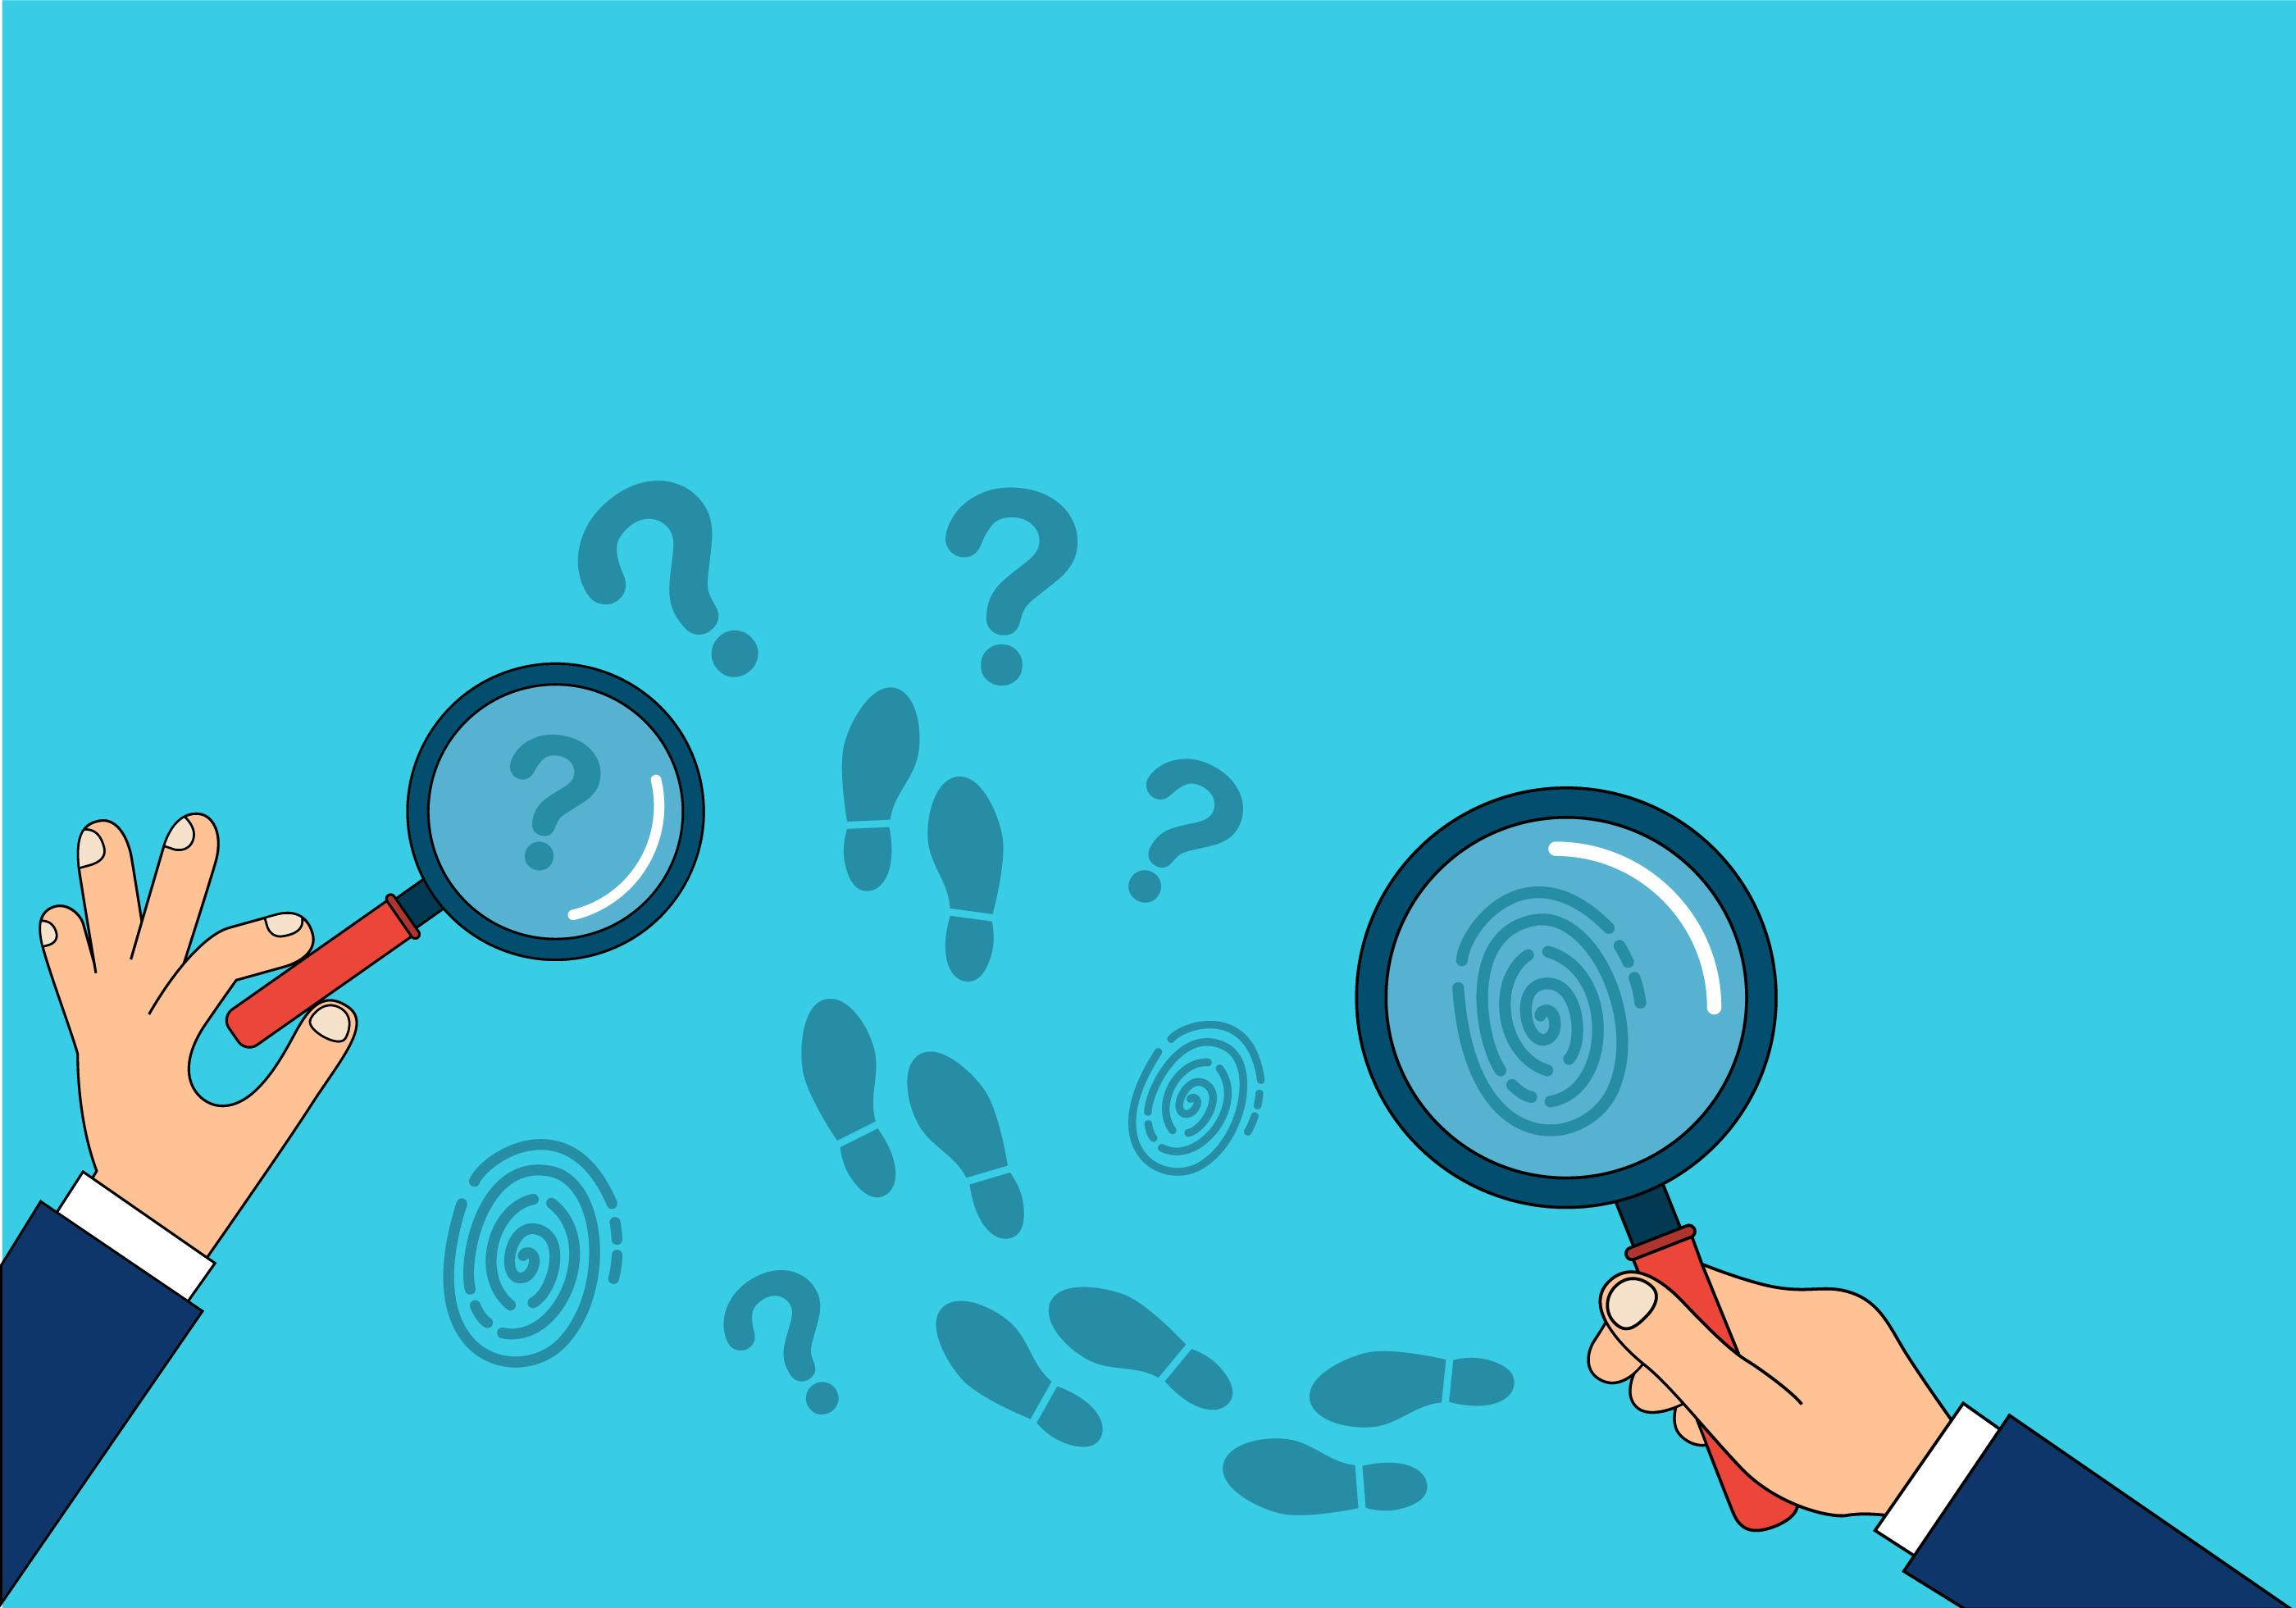 Design Detective Worksheet